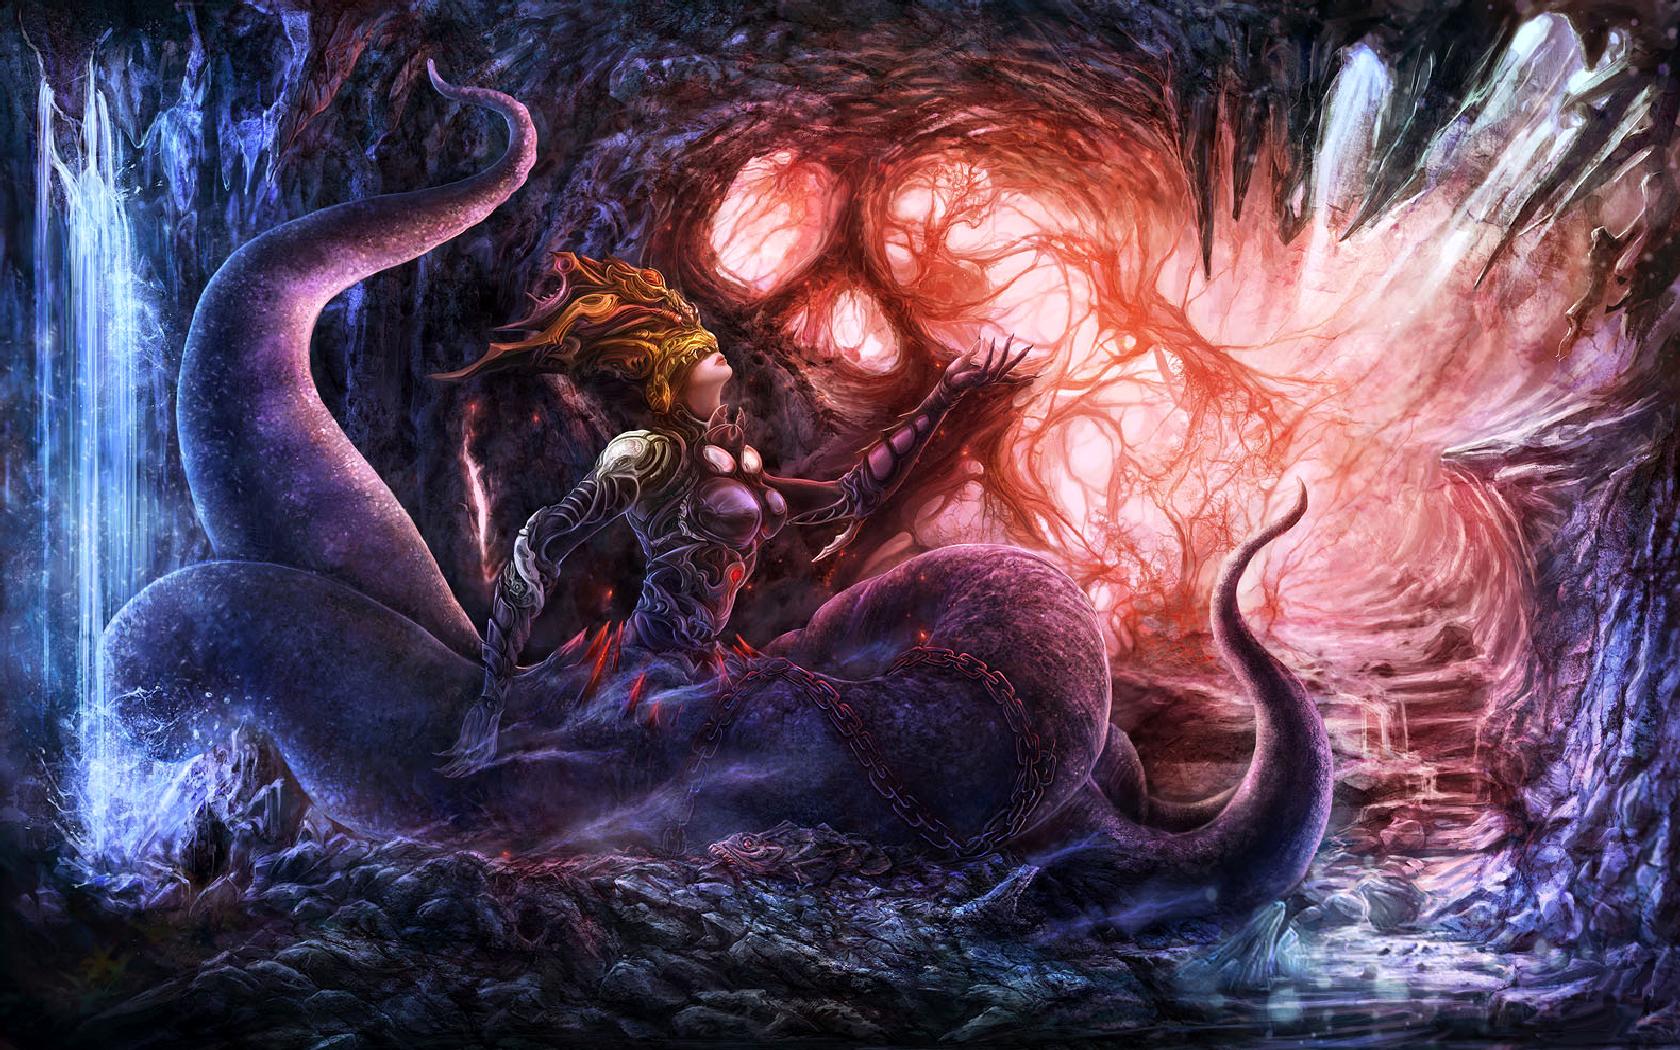 Dunkel - Monster  Wallpaper